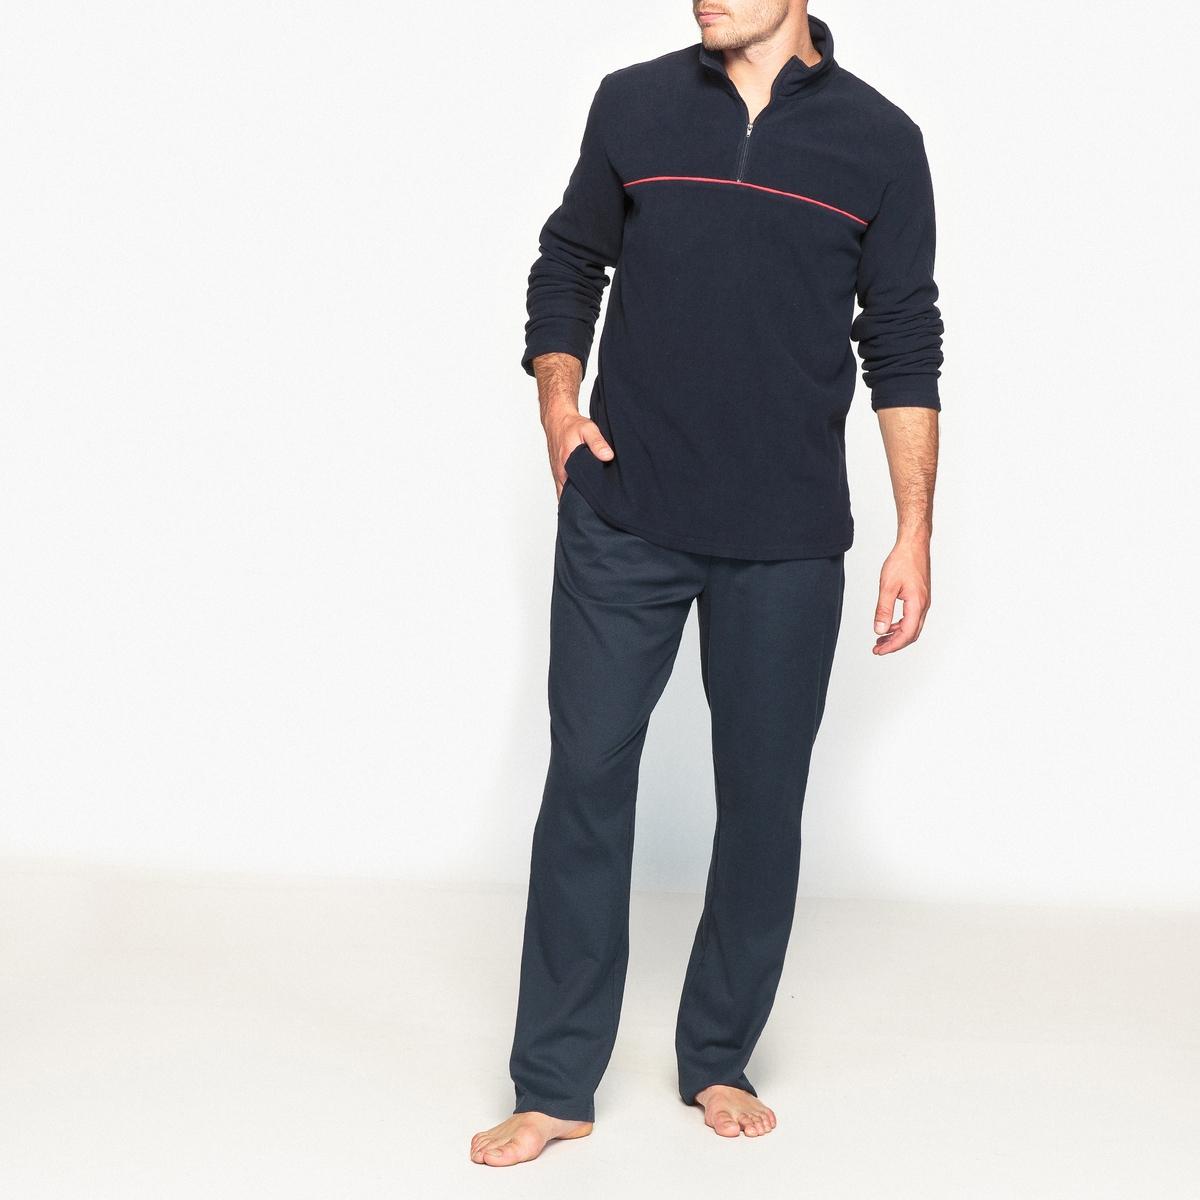 Пижама из микрофлисаПижама из микрофлиса : очень мягкие и комфортные. Удобная модель благодаря эластичному поясу с затягиваемым шнурком. Вырез с застежкой на молнию.Детали •  Прямой покрой.  •  Эластичный пояс с затягиваемым шнурком •  2 боковых кармана •  Брюки можно носить с футболкойСостав и уход •  Основной материал : микрофлис, 100% полиэстера •  Машинная стирка при 30 °С •  Стирать с вещами схожих цветов<br><br>Цвет: темно-синий/ красный<br>Размер: M